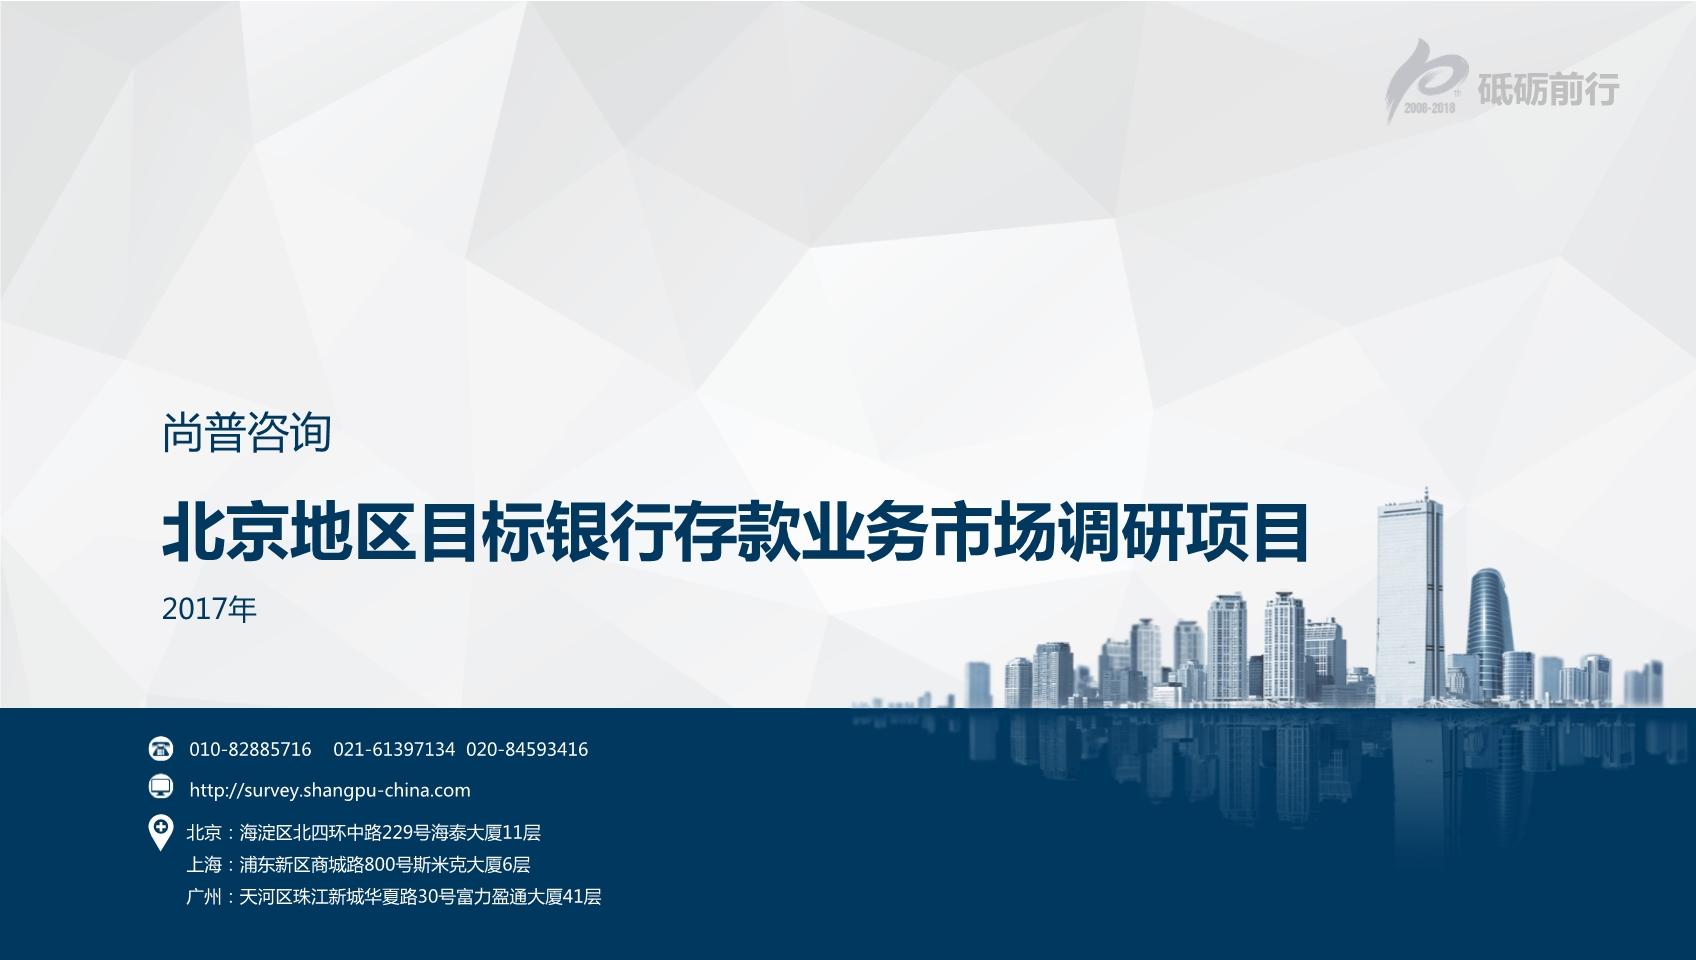 尚普咨询-北京地区目标银行存款业务市场调研